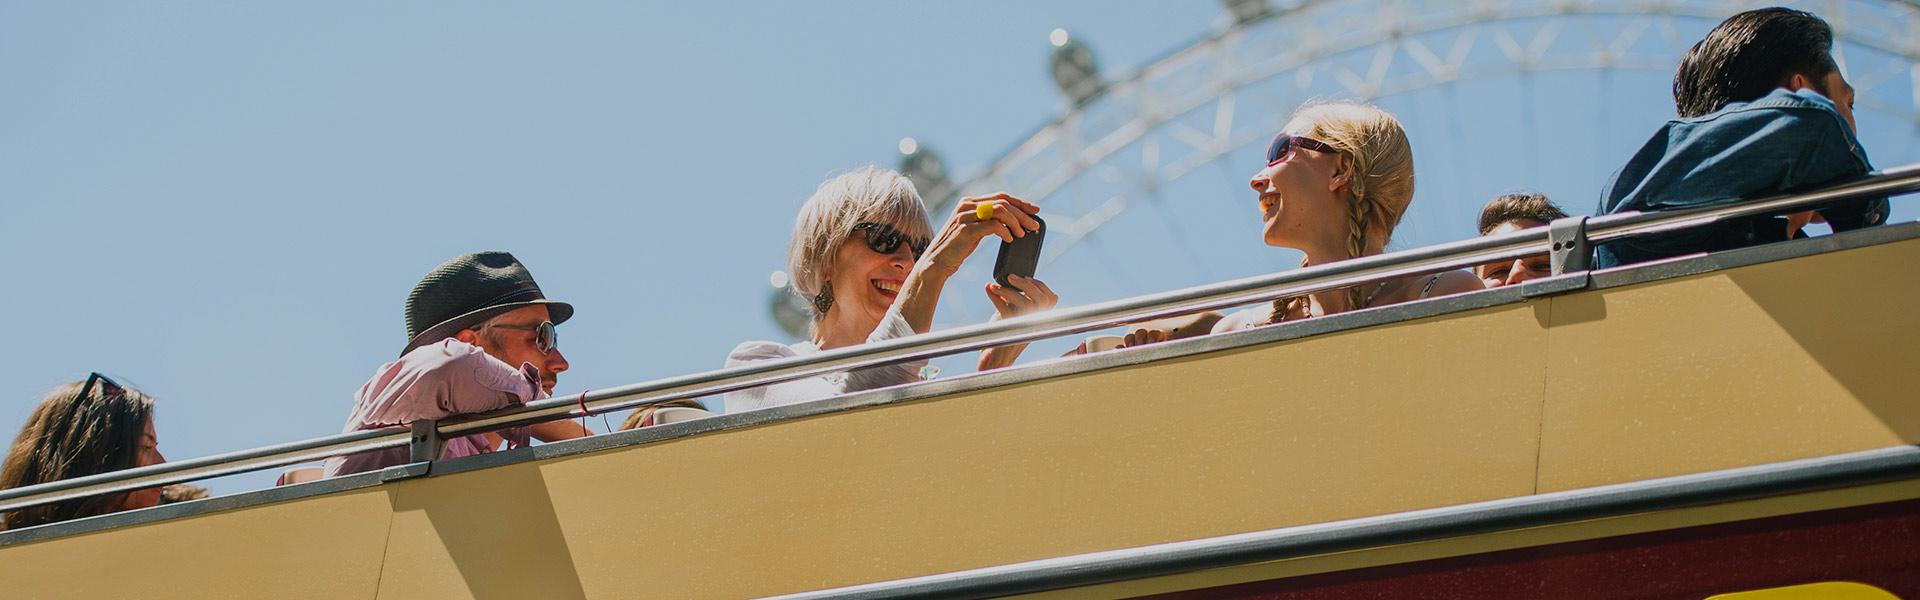 Passengers on London bus tour by London Eye